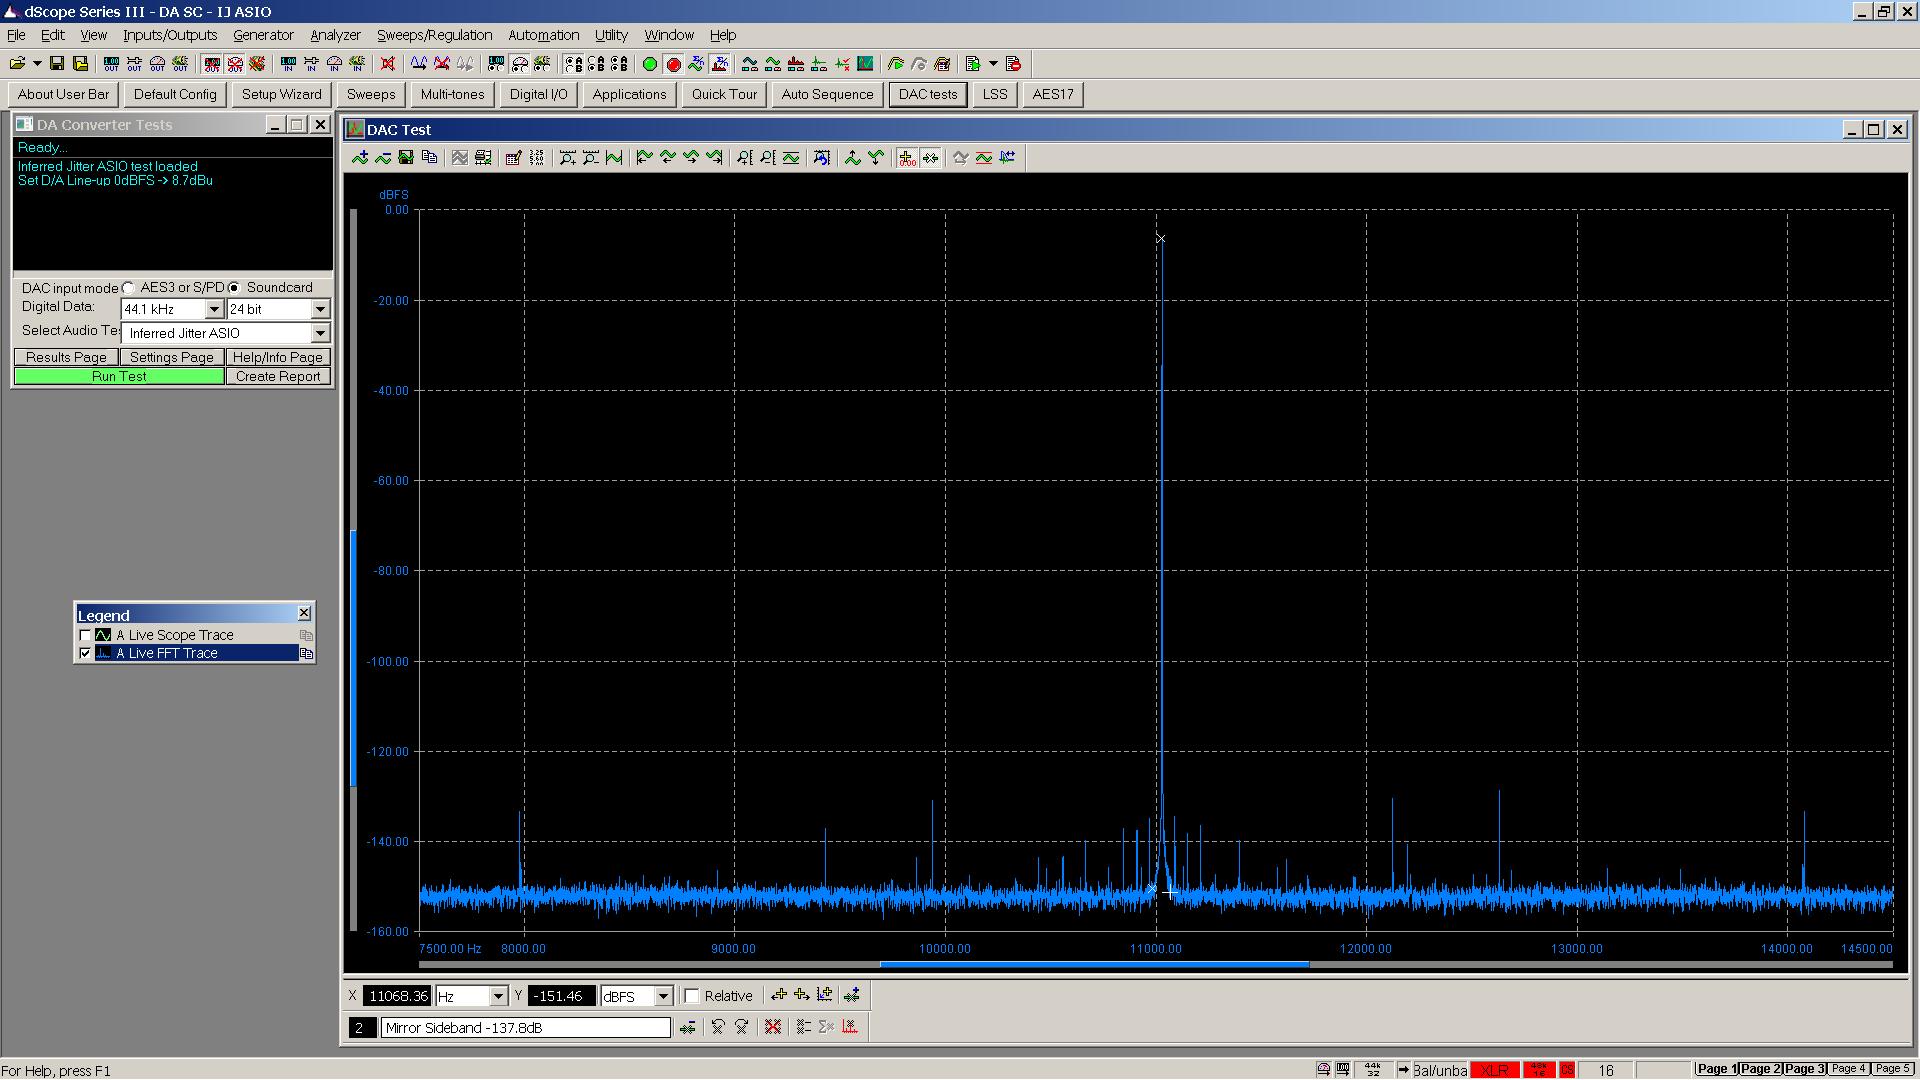 20170327 Modi MB inferred jitter - SPDIF - U12 - 90 min.png